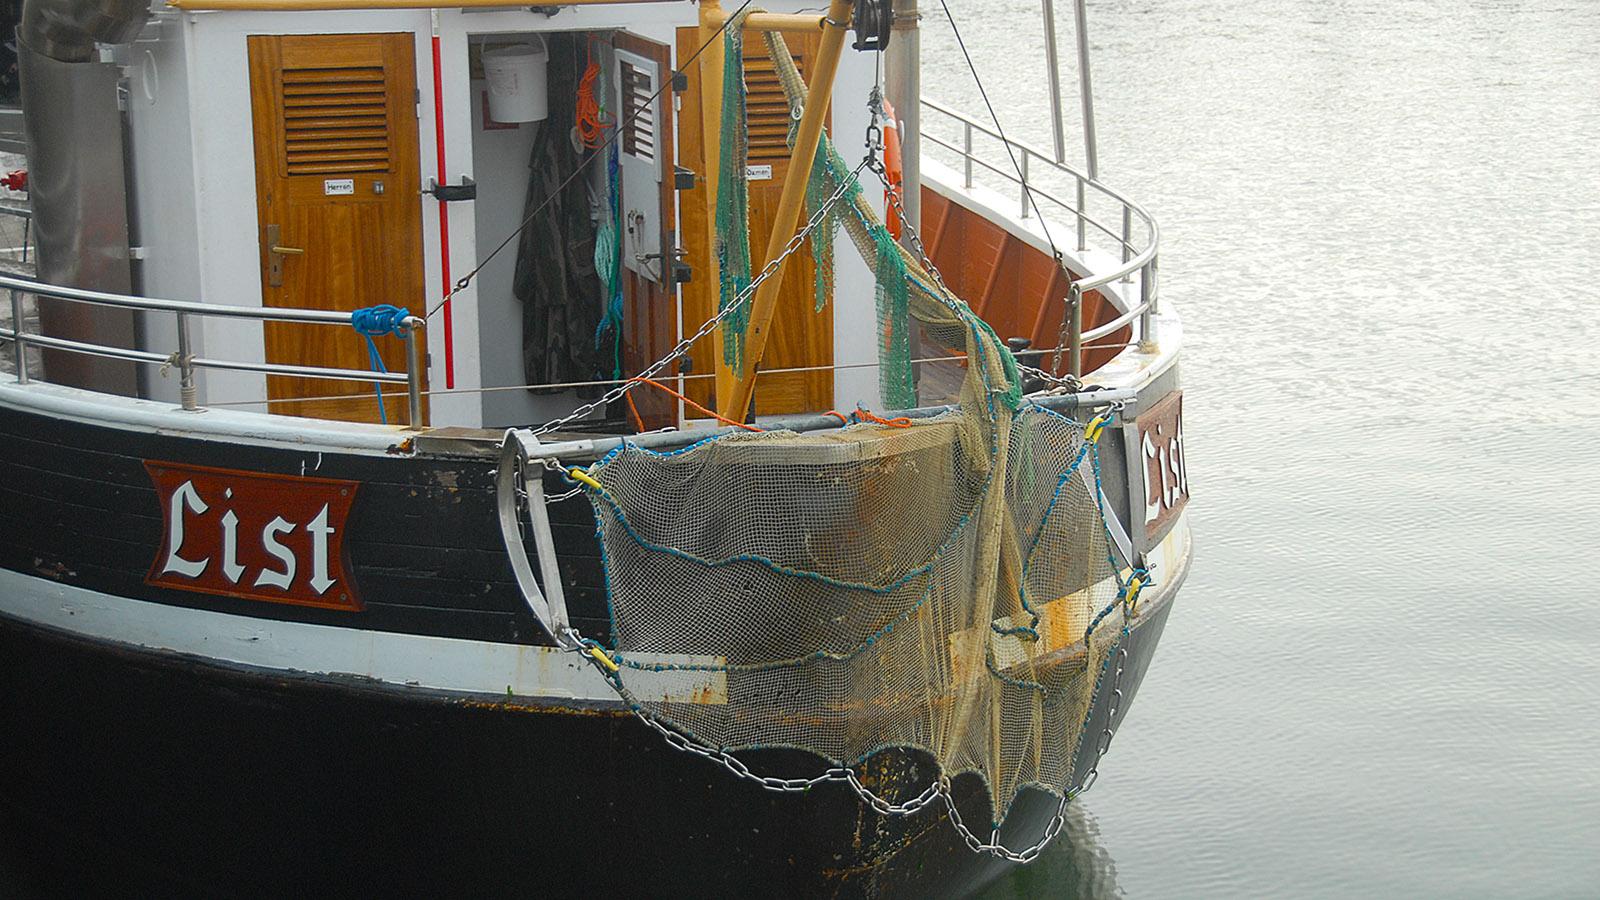 Krabbenkutter im Hafen von List. Foto: Hilke Maunder